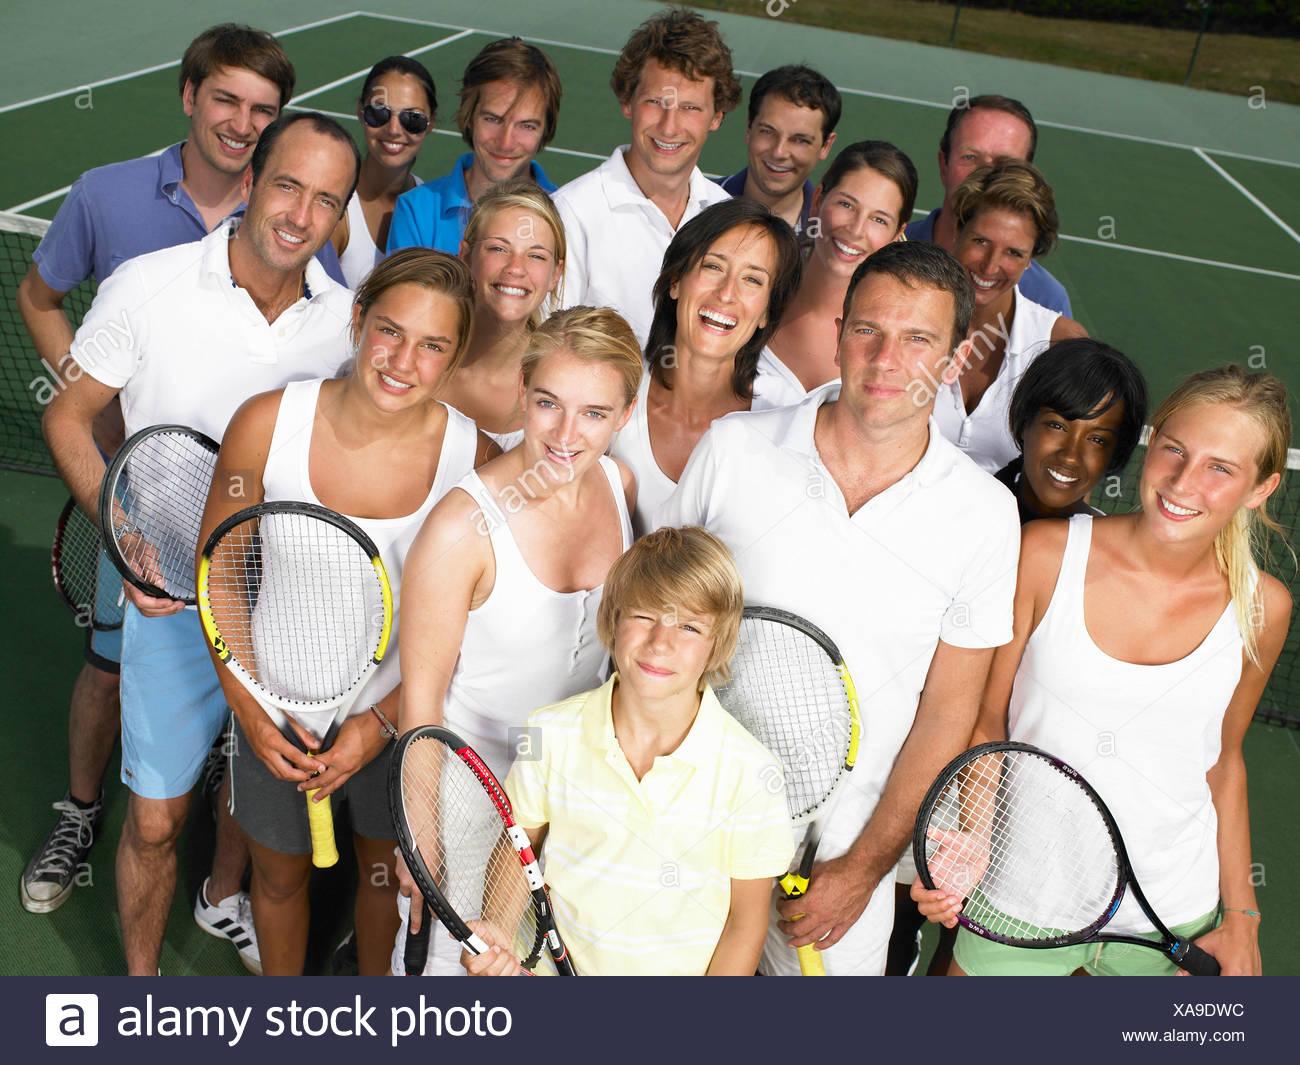 Gruppo di persone sul campo da tennis Immagini Stock